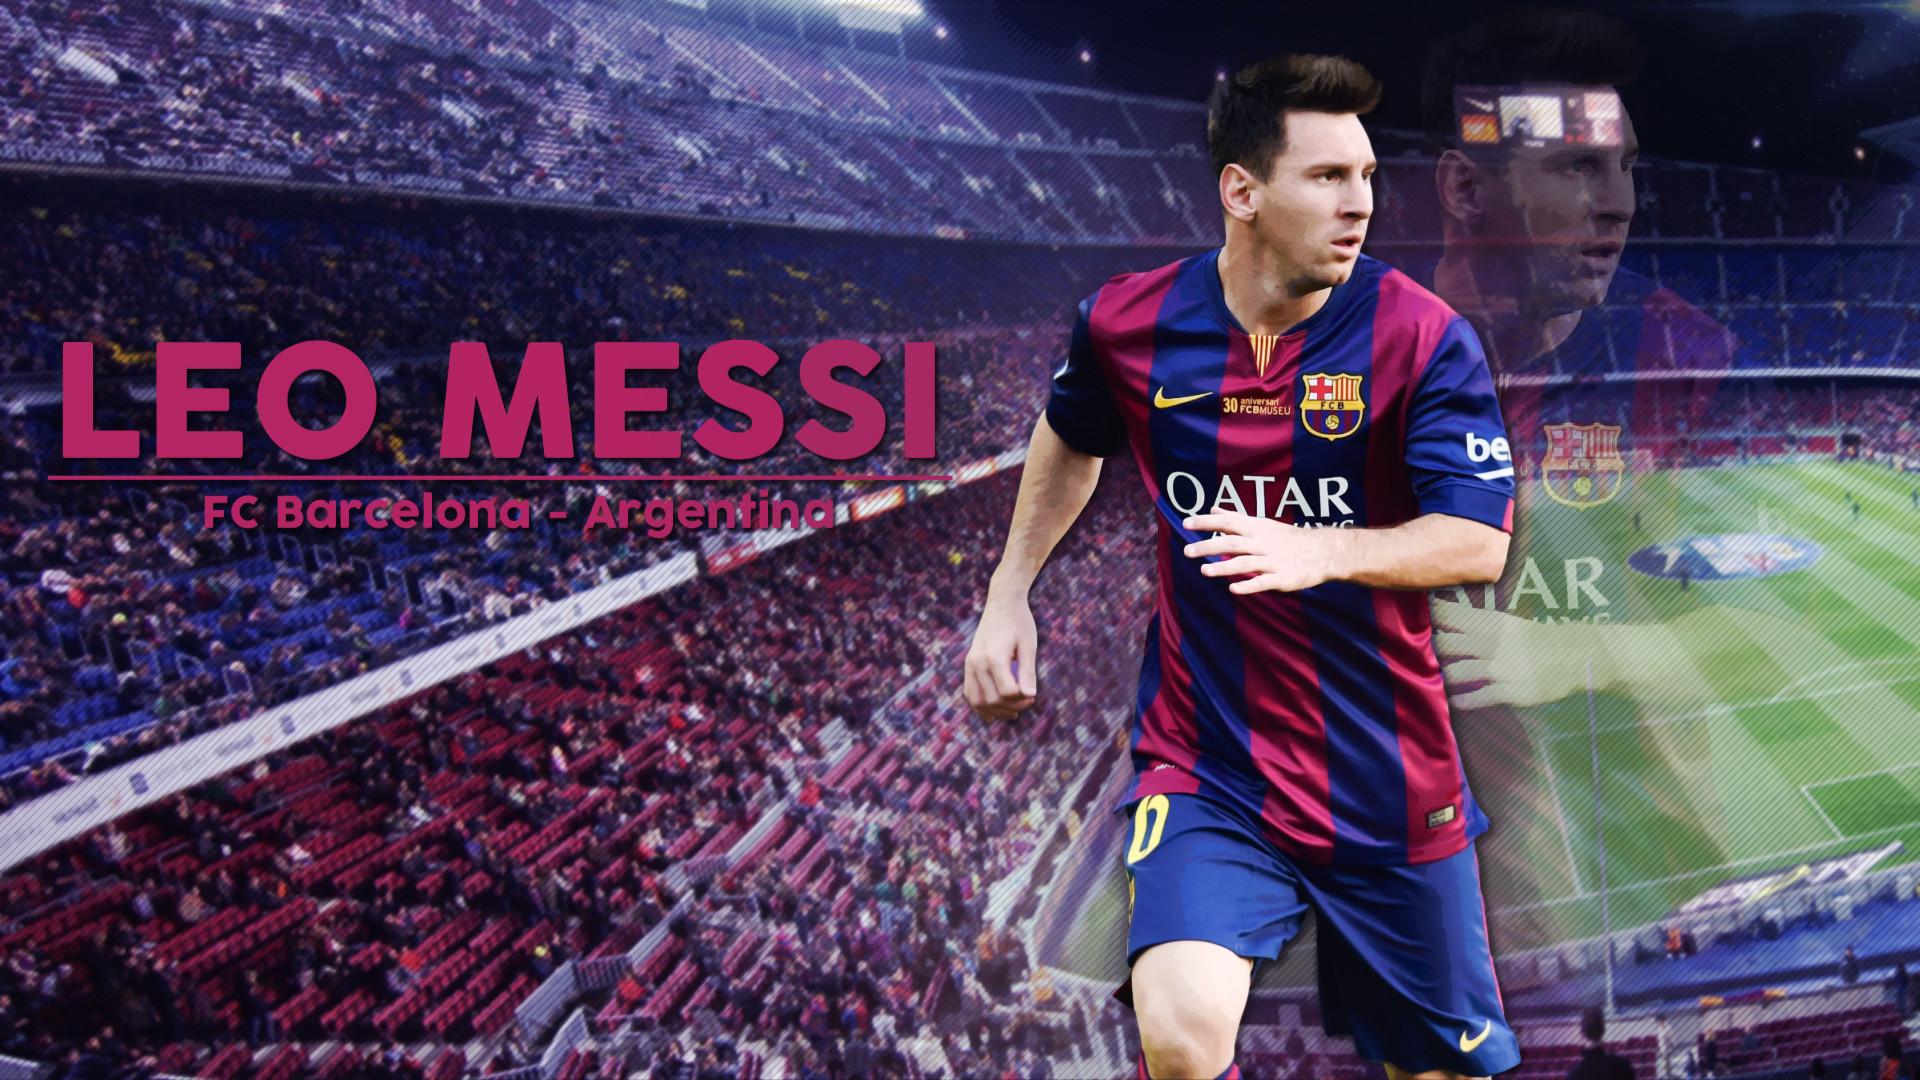 1920x1080 Neymar And Messi HD Wallpaper Hd